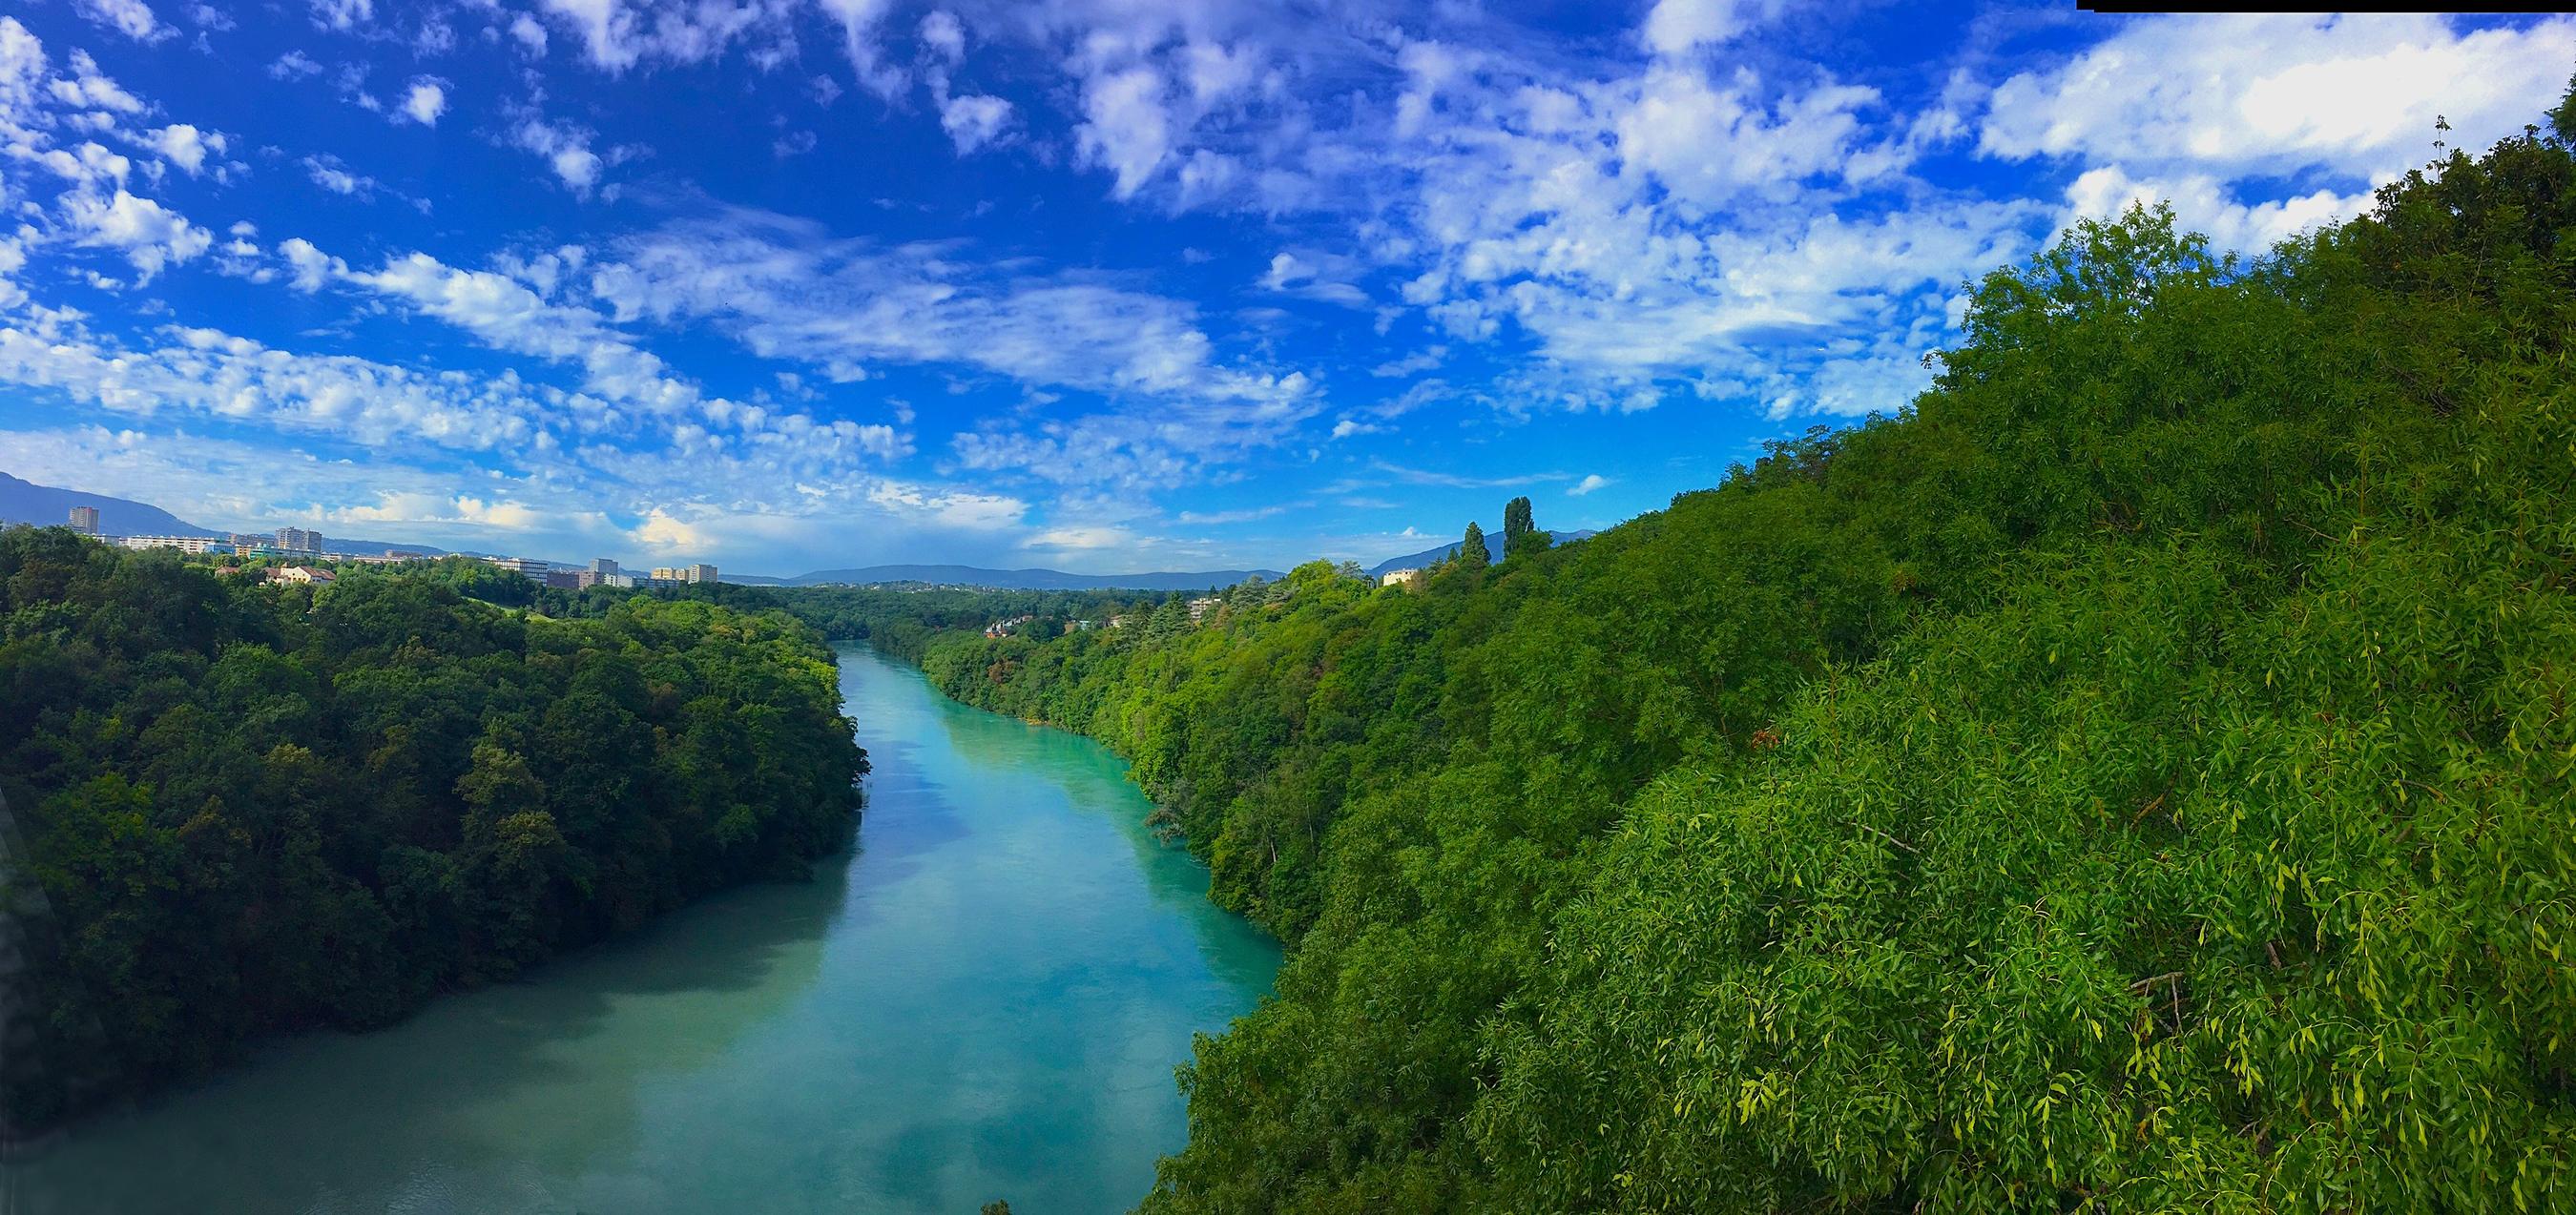 Free Images Swiss Geneva River Rhone Bridge Water